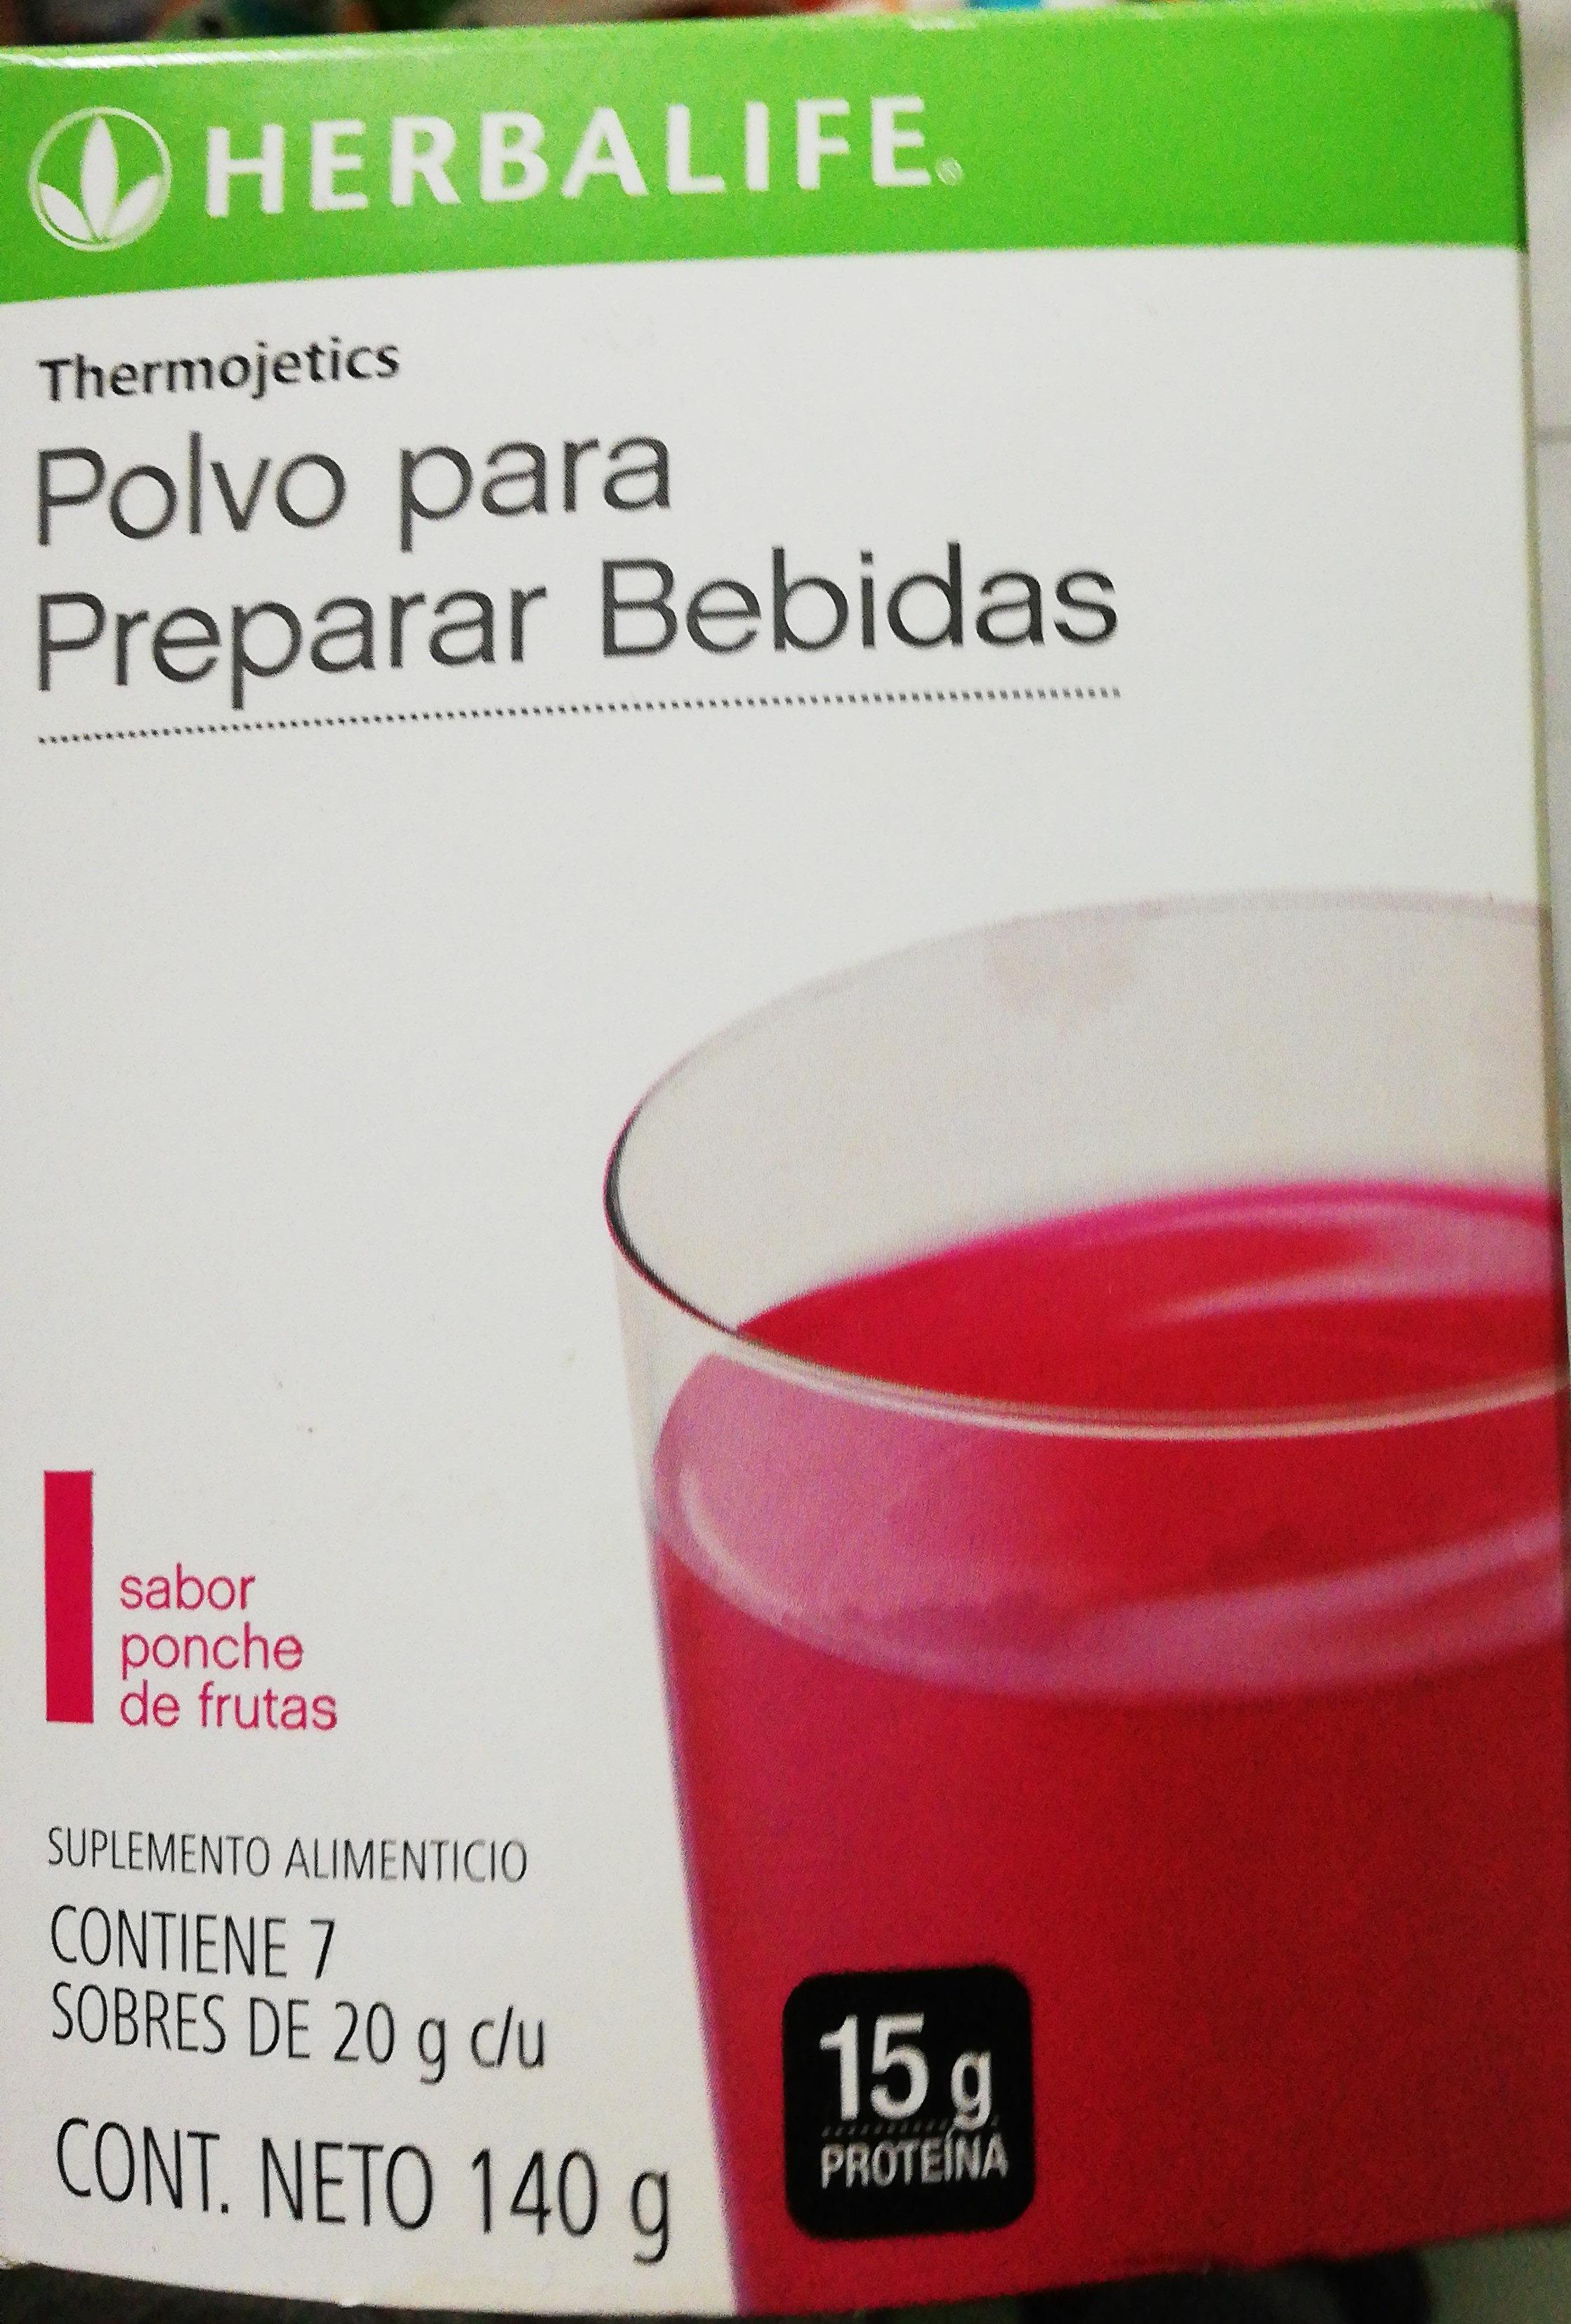 Polvo para preparar bebidas - Product - es